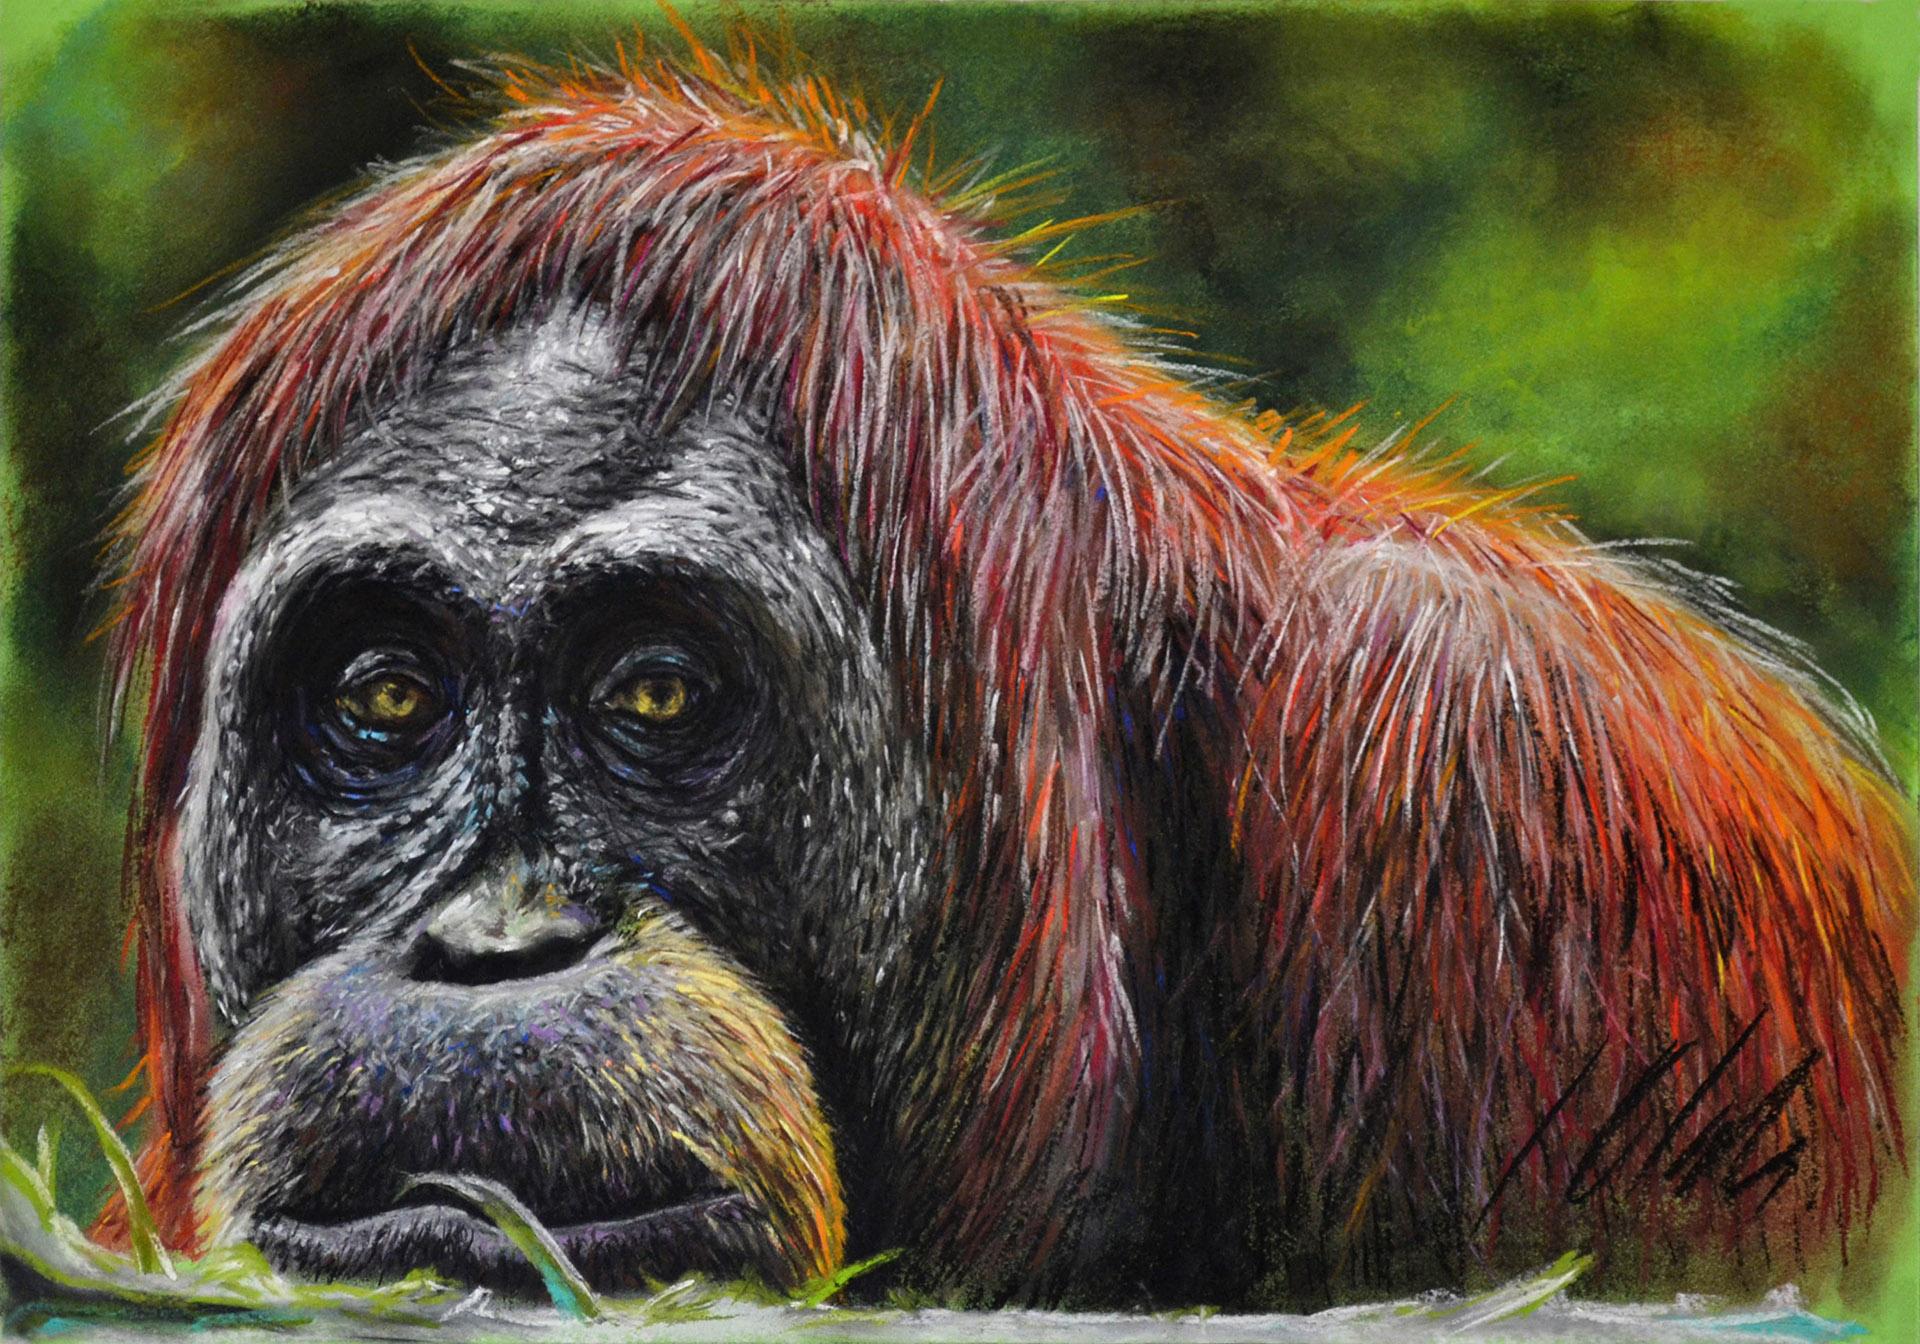 Orangután. Pastel, 50 x 35 cm. Dibujo de Javier Olmedo - 2014 - PV 114,00 €